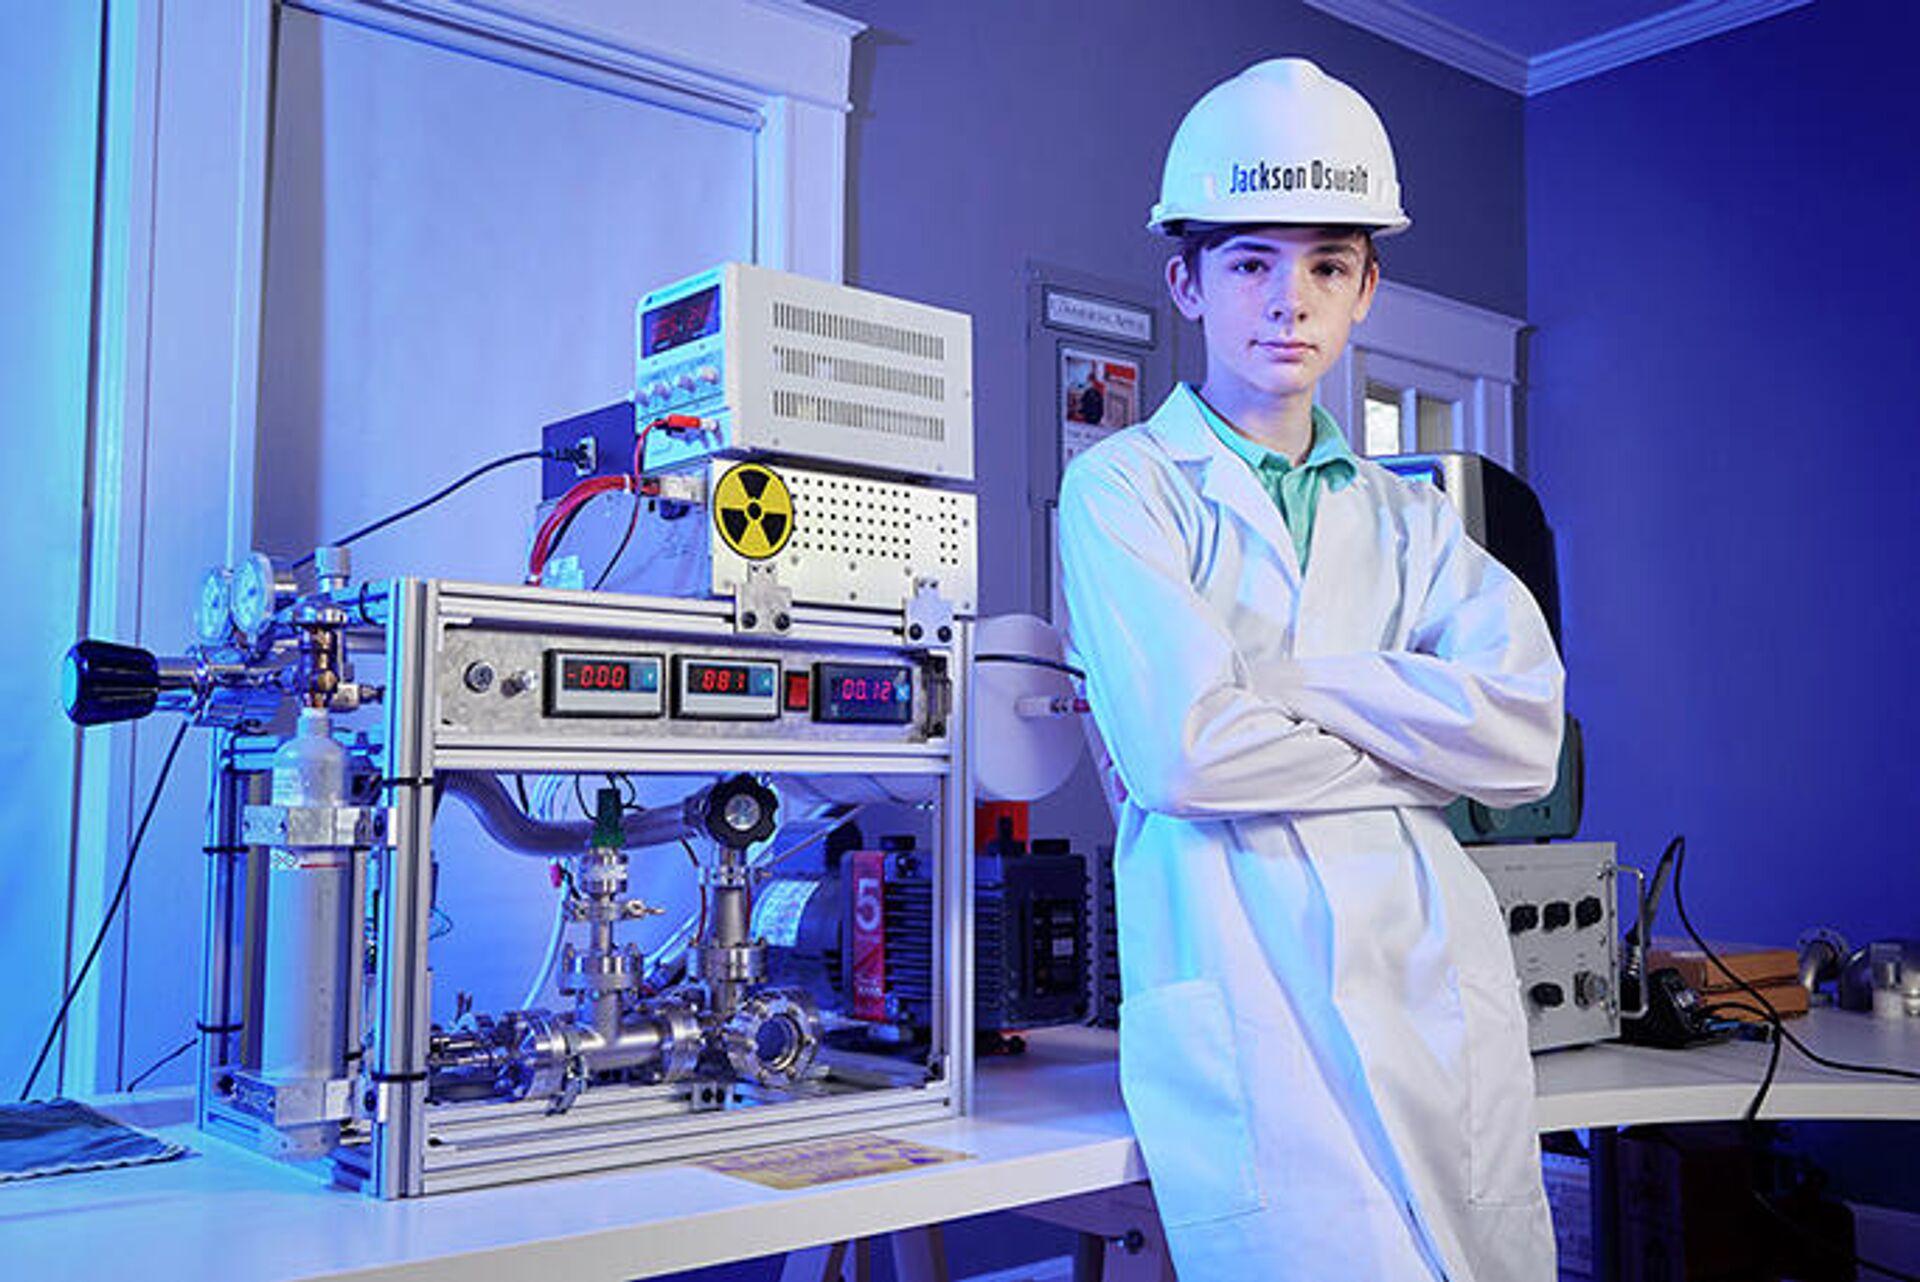 Джексон Освальт стал самым молодым человеком в мире, осуществившим ядерный синтез  - РИА Новости, 1920, 17.03.2021